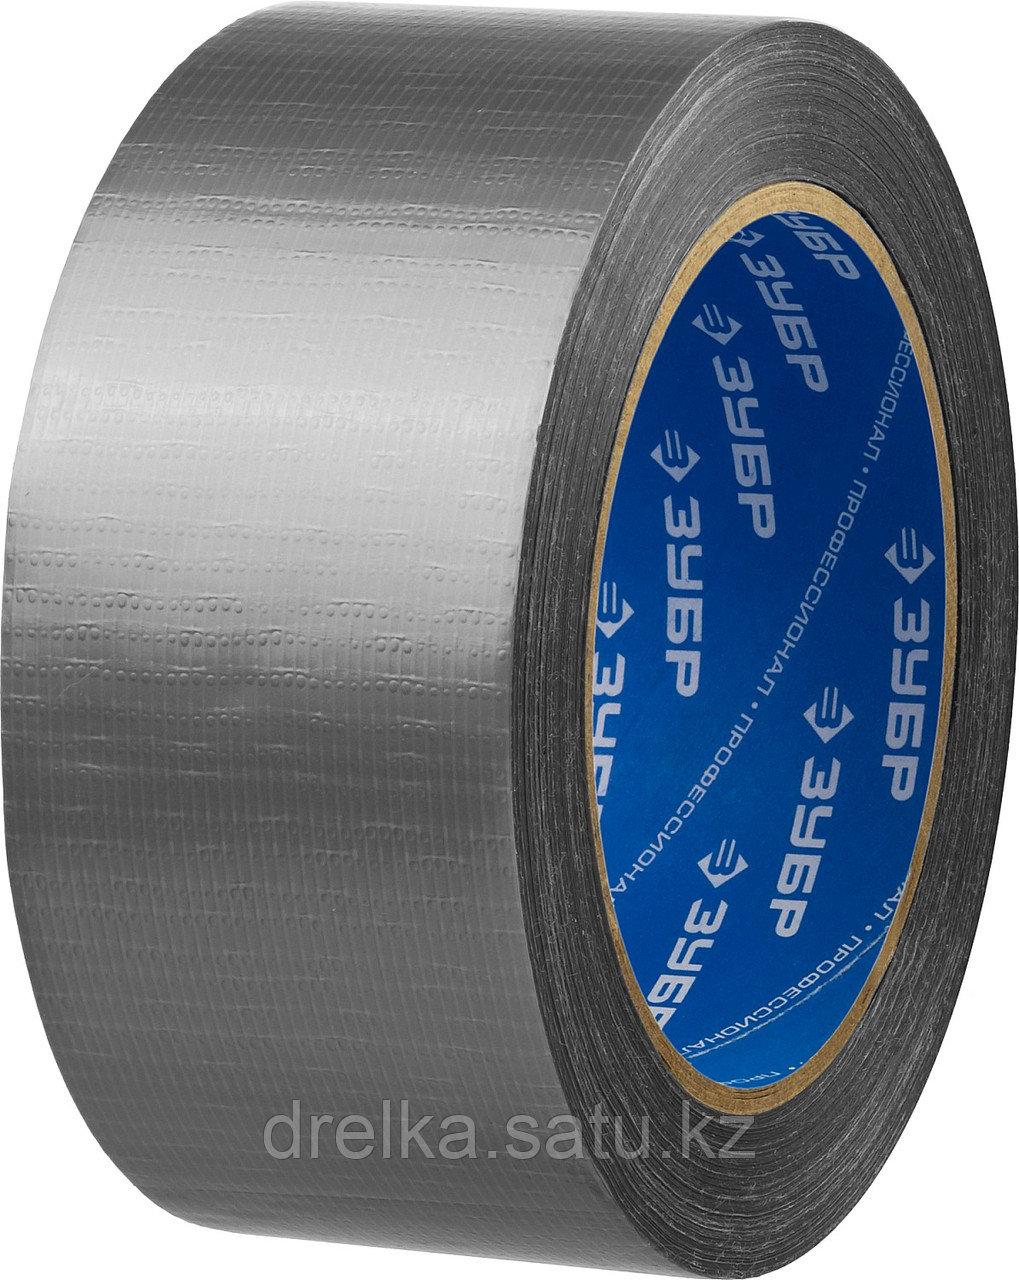 Армированная лента, ЗУБР Профессионал 12090-50-25, универсальная, влагостойкая, 48мм х 25м, серебристая